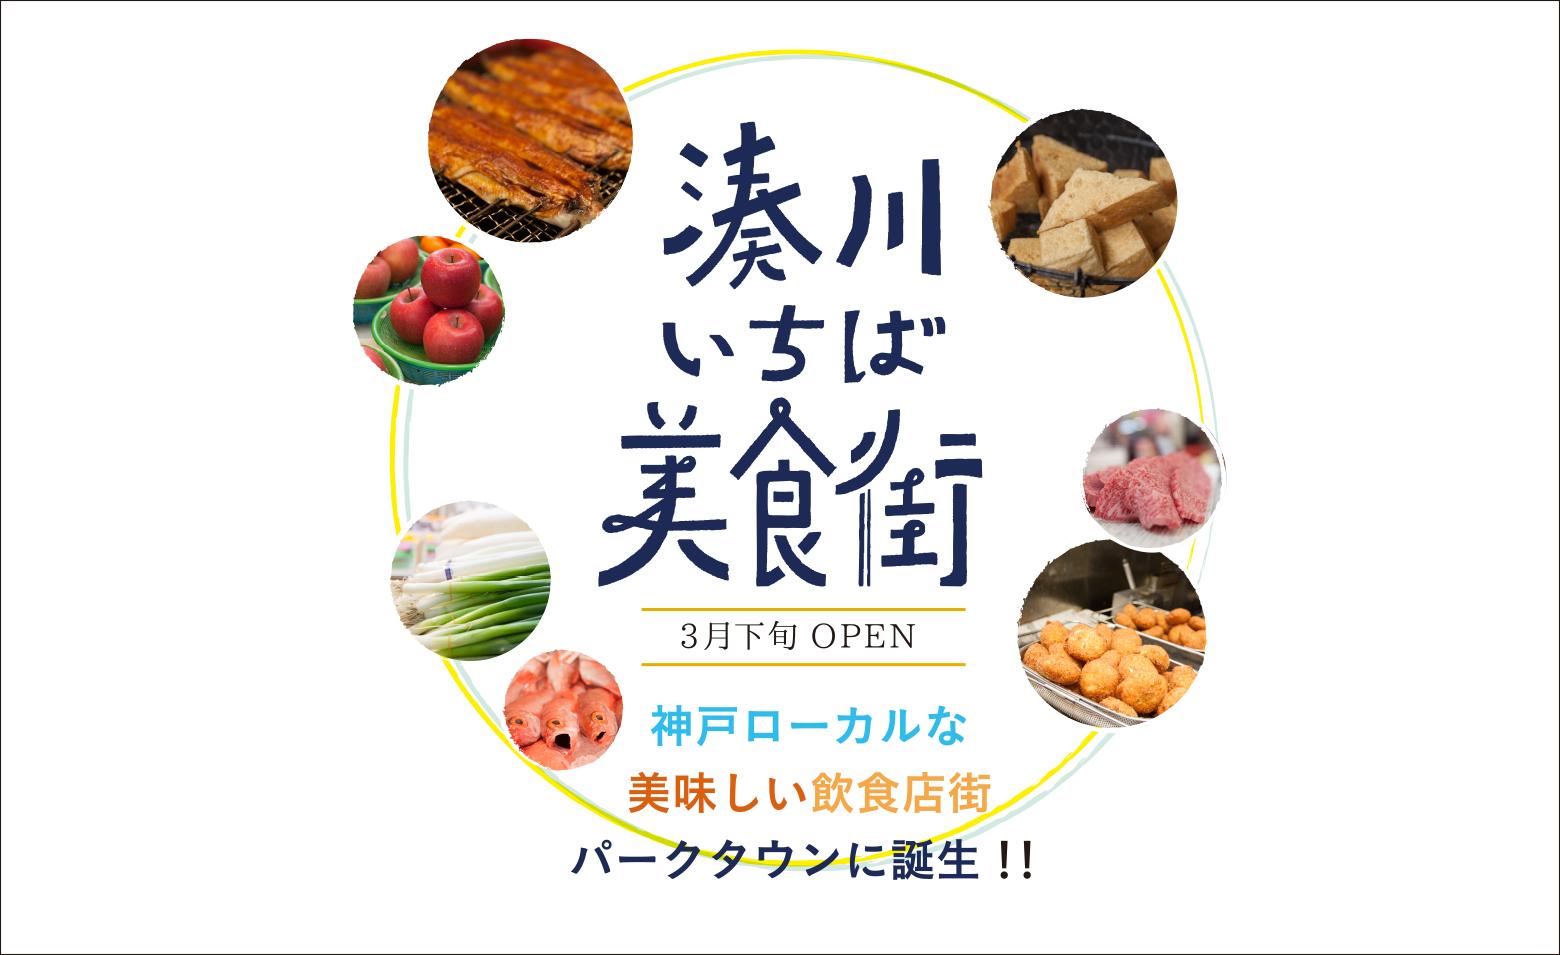 湊川を味わう!「湊川いちば美食街」が誕生!!